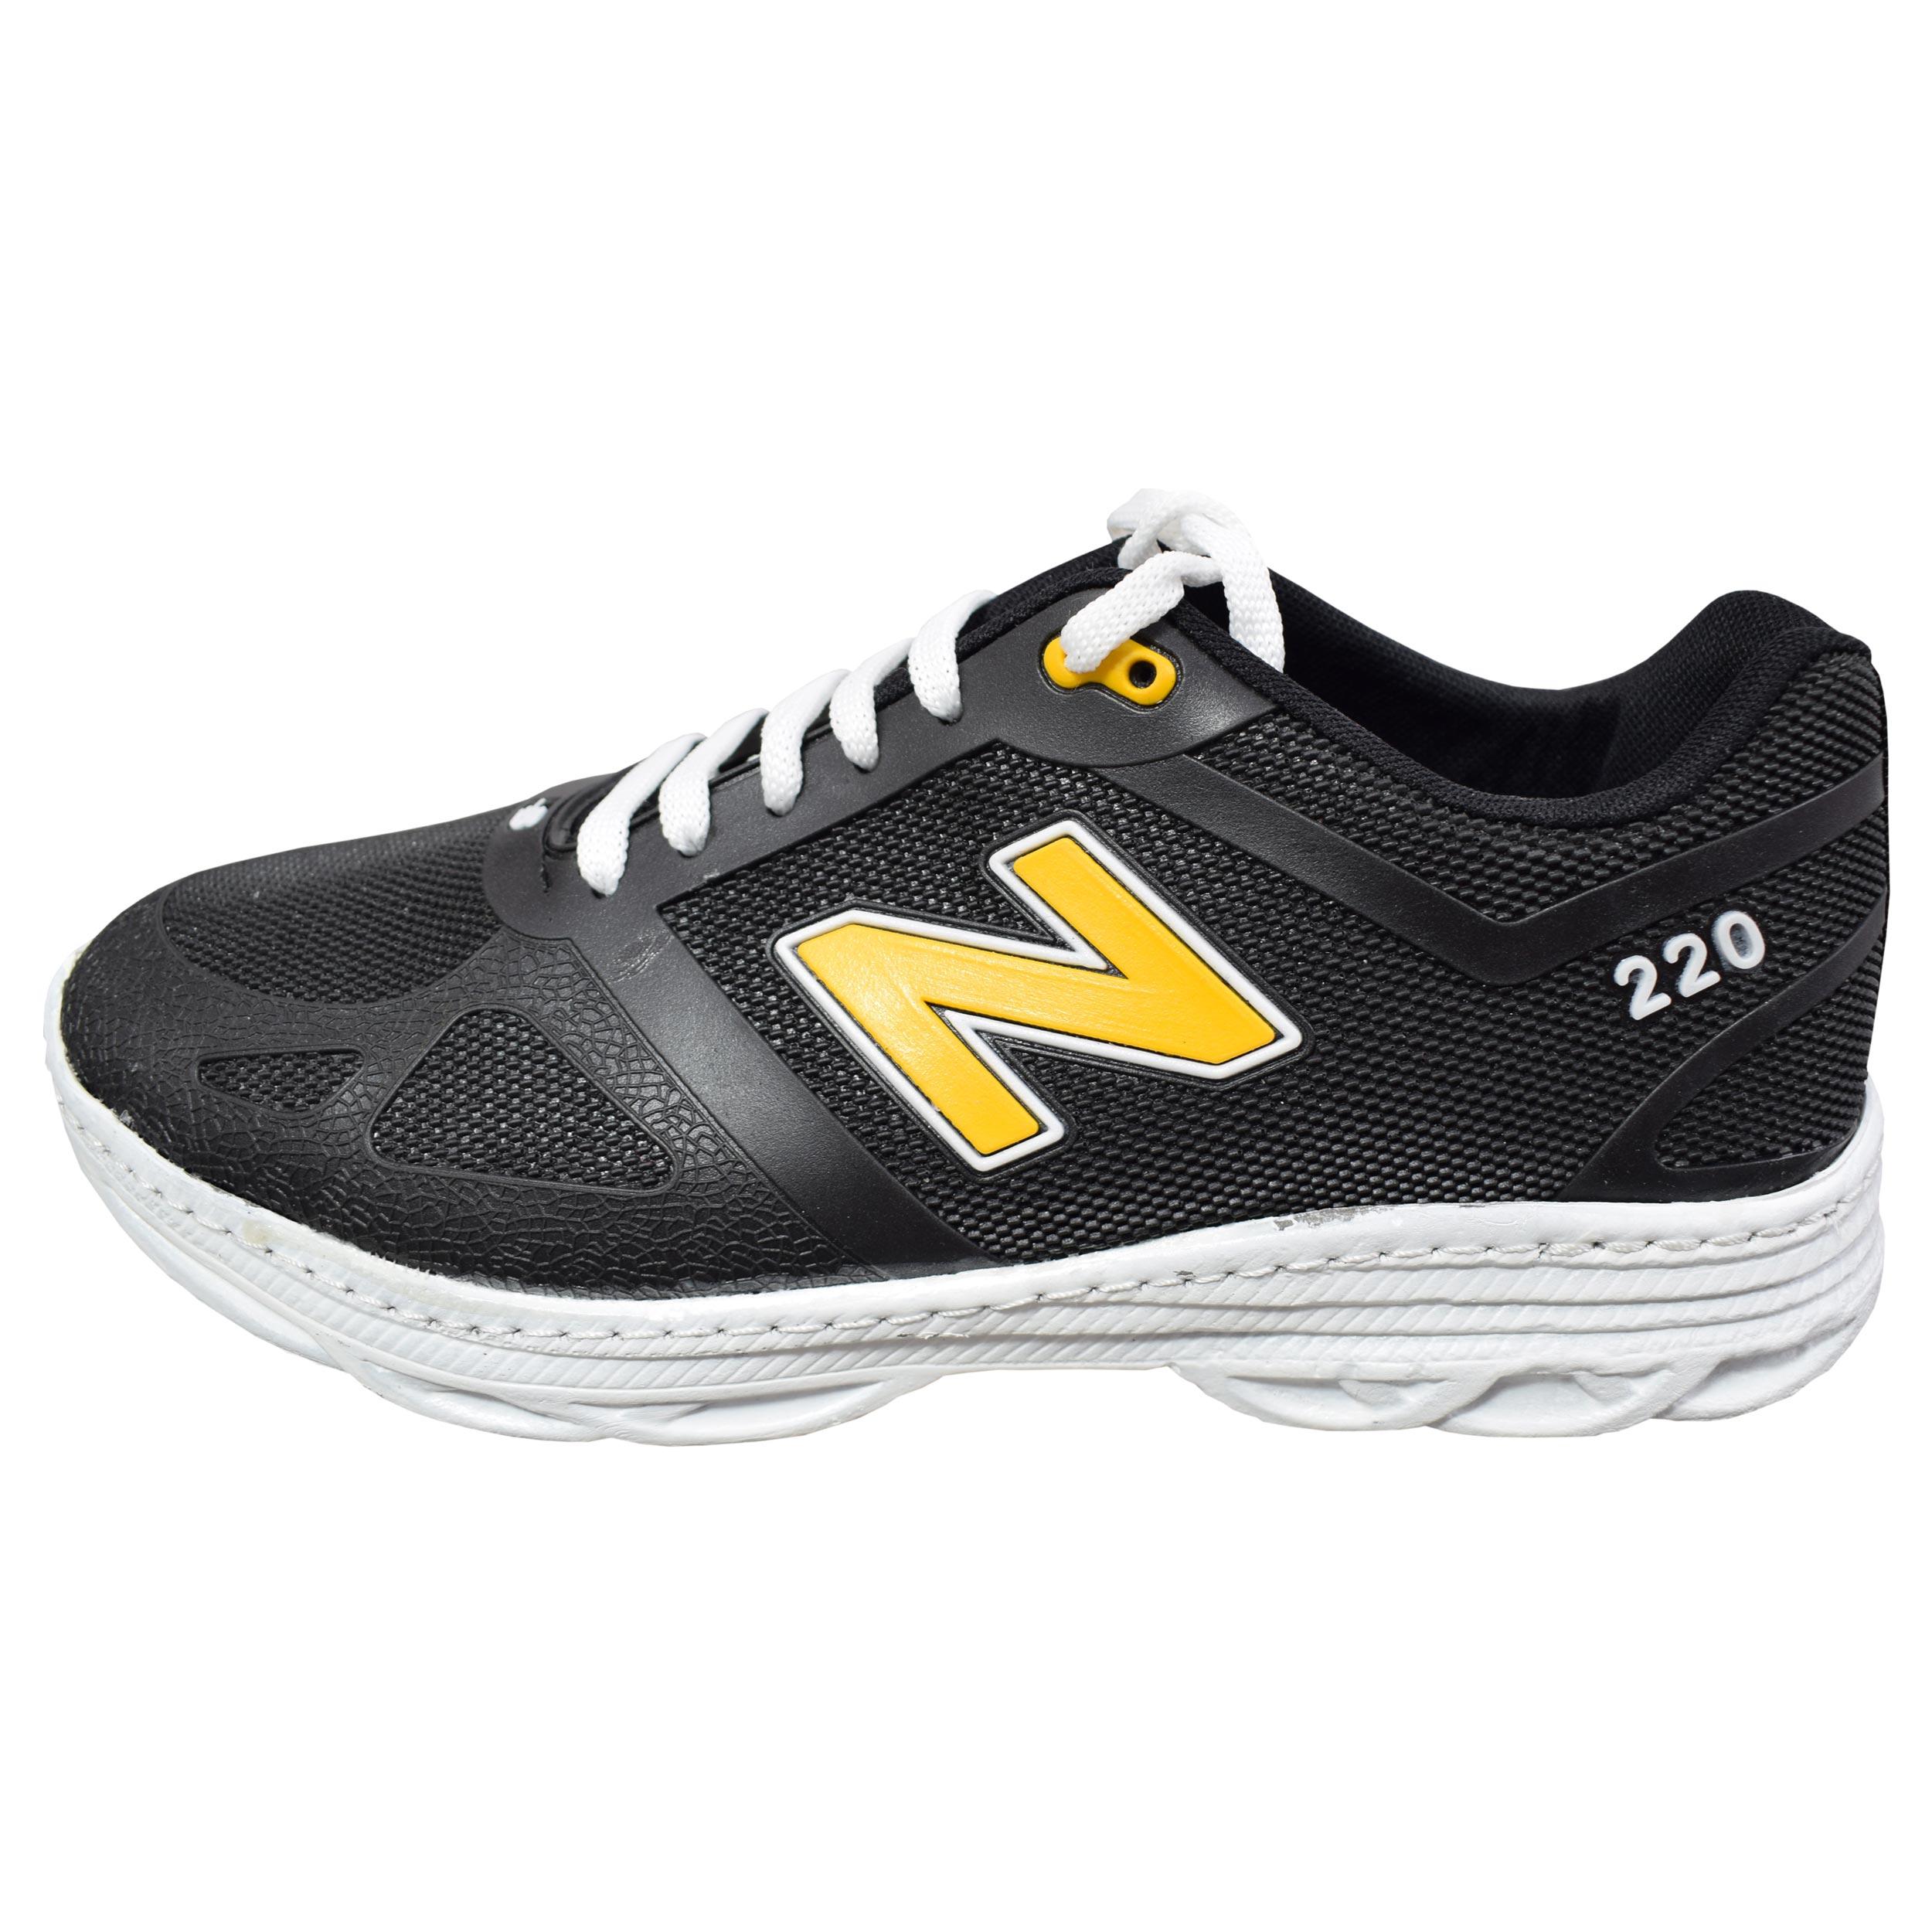 خرید                      کفش راحتی مردانه کد 508              👟